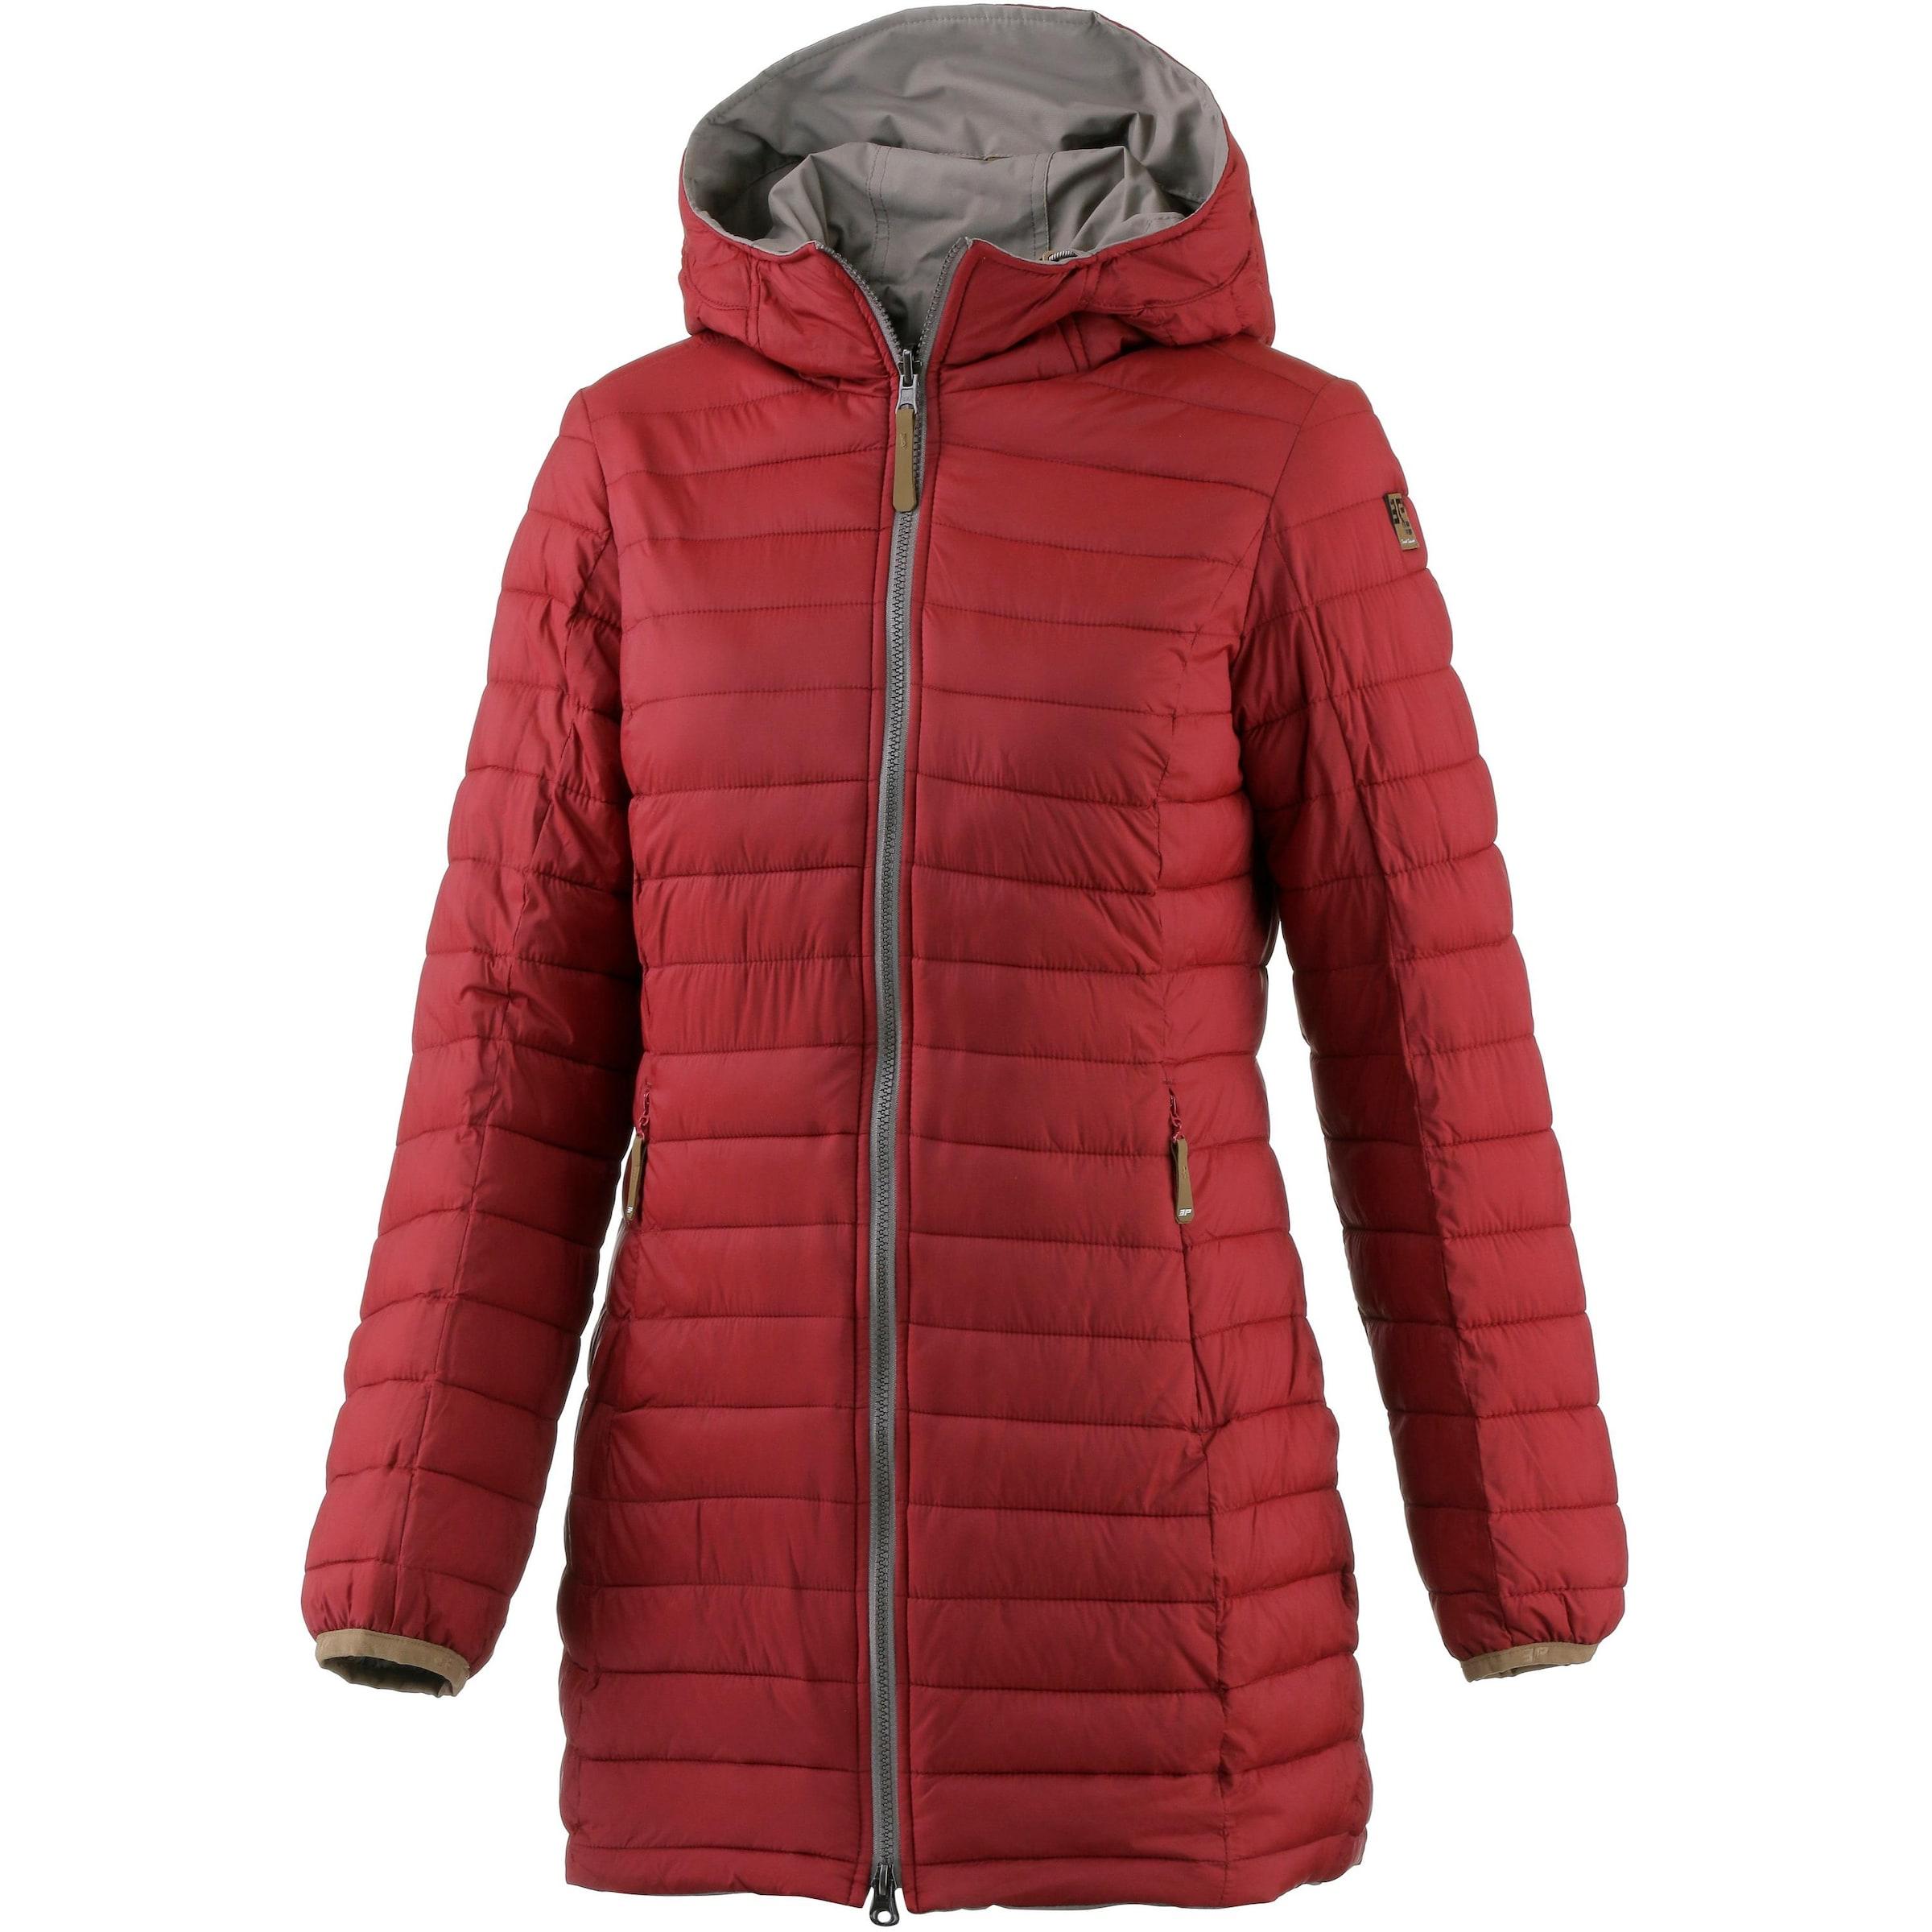 ICEPEAK Funktionsmantel Damen Auslass Manchester Großer Verkauf Ausverkaufs-Shop FwCpe